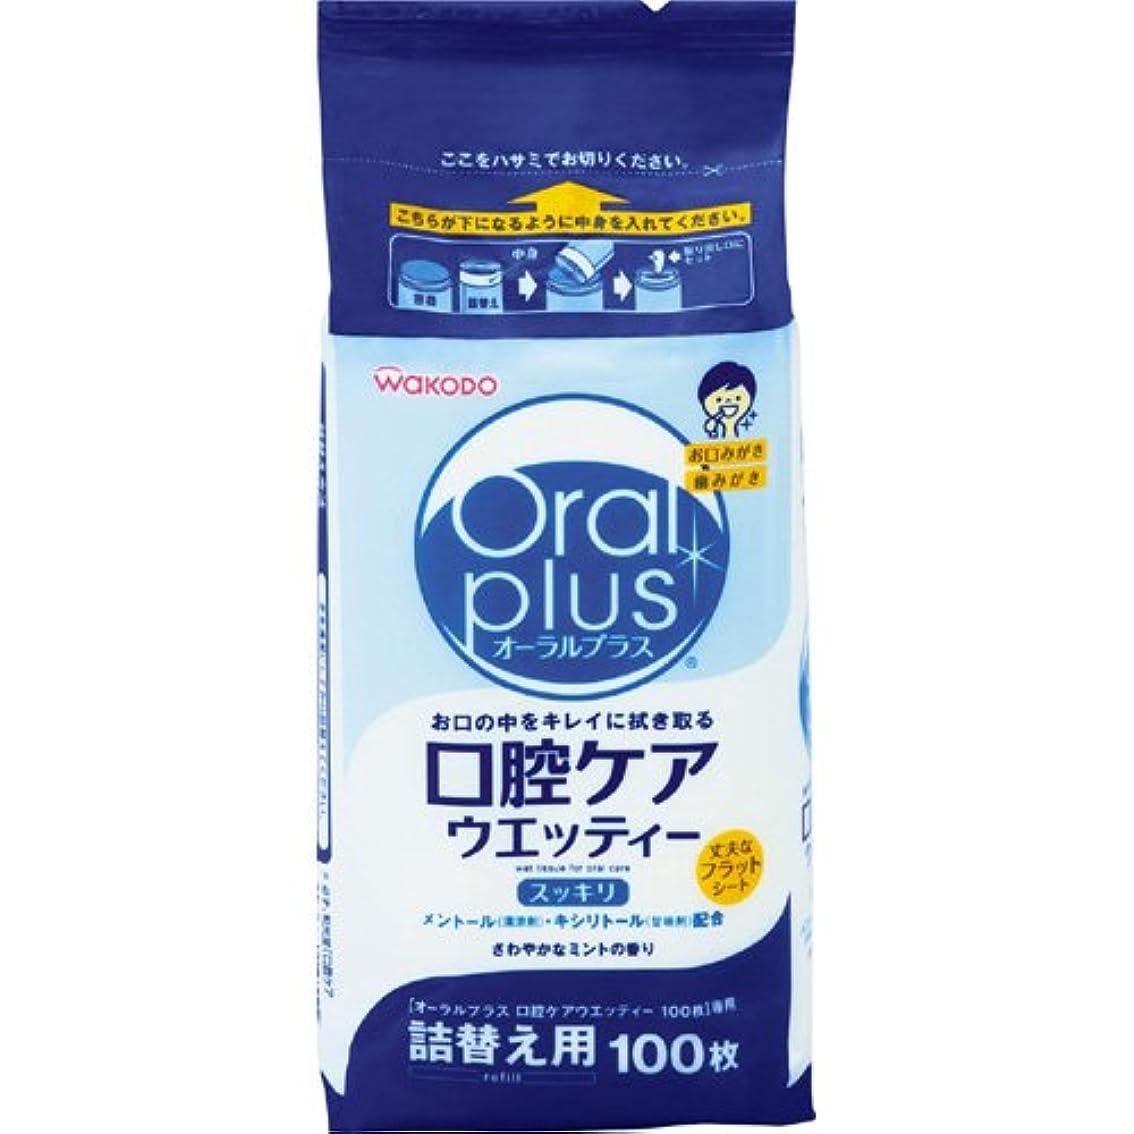 風味故障アルコーブオーラルプラス 口腔ケアウエッティー ミントの香り 詰替え用 100枚 1ケース(12個入)